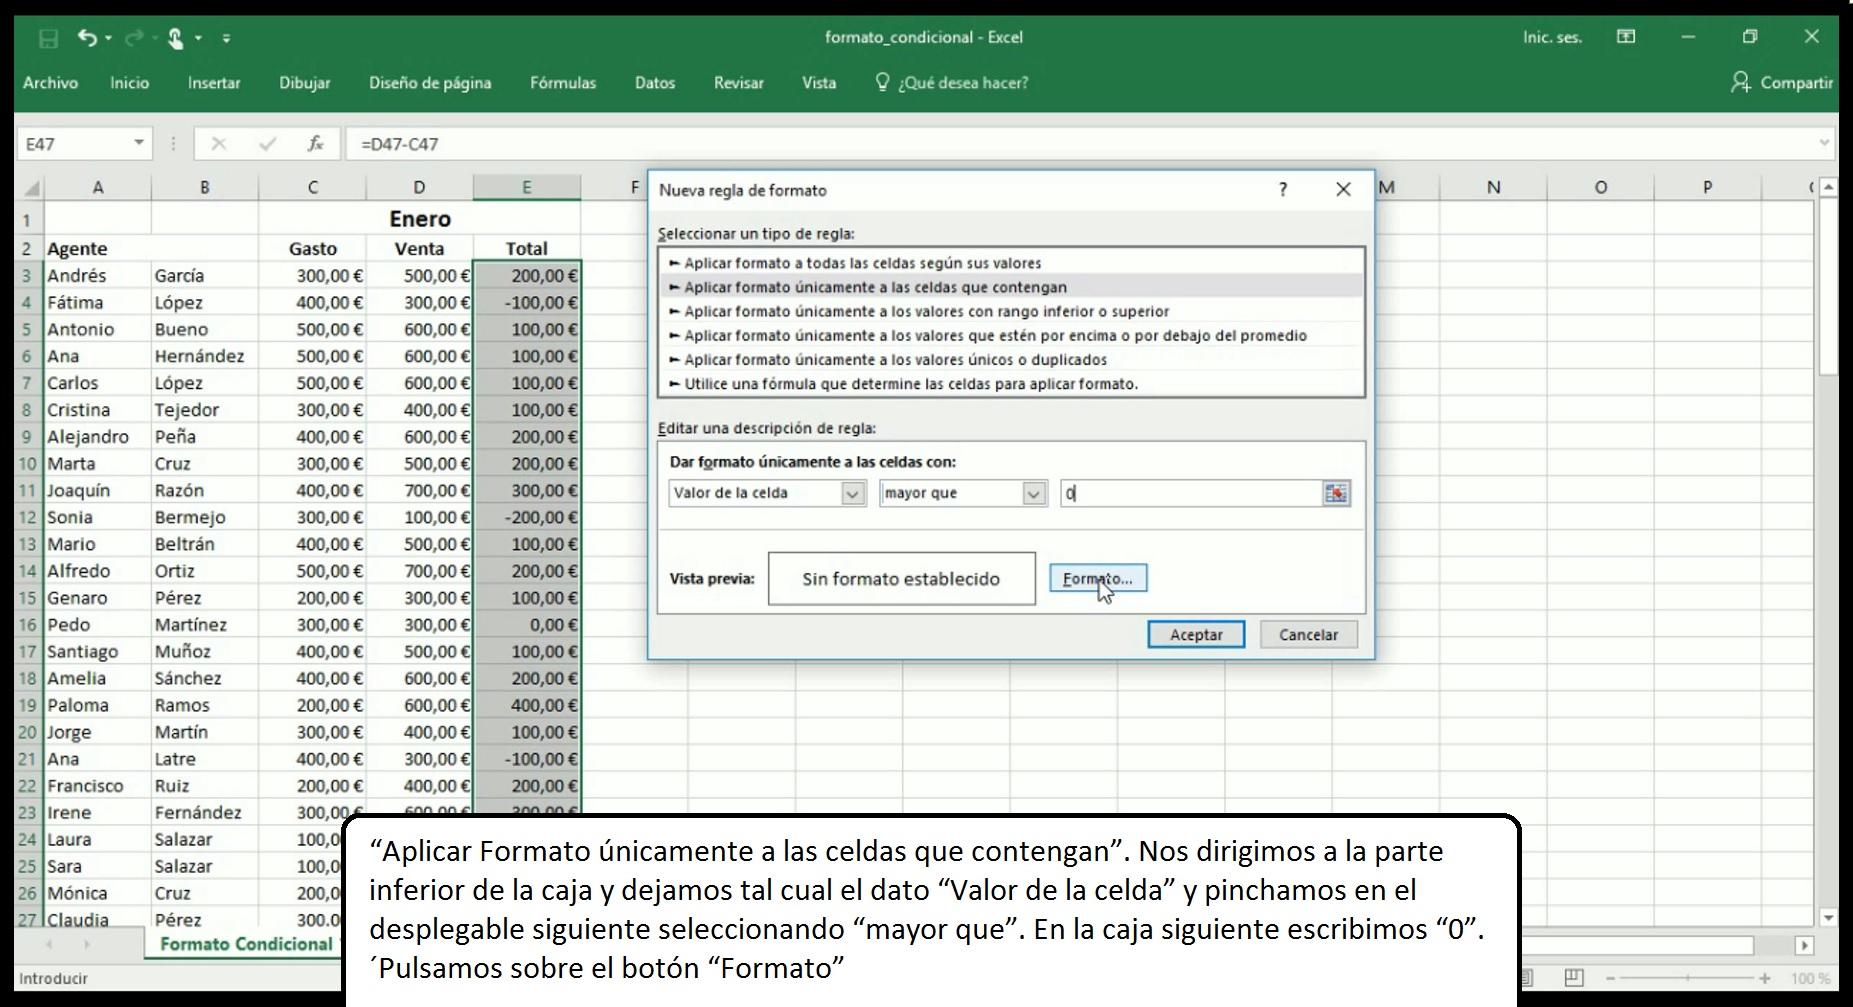 Formato condicional en Excel 2013